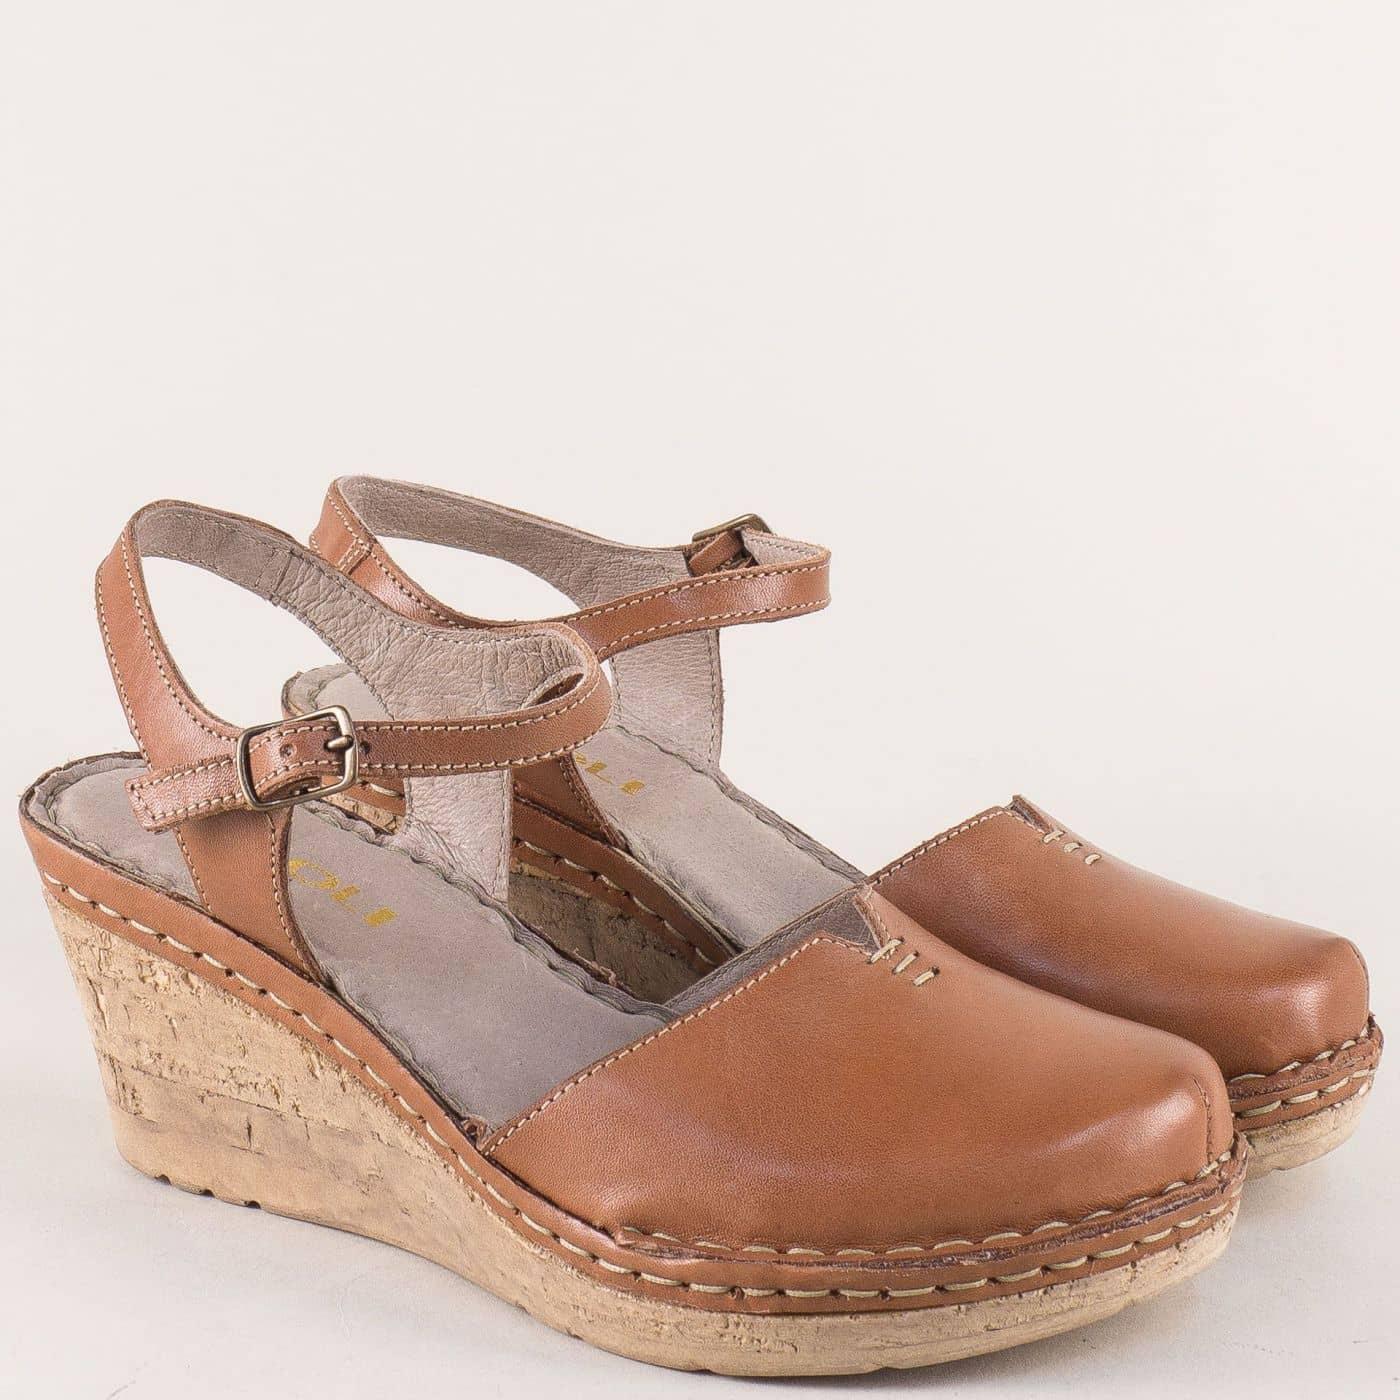 16a8b472911 Кожени дамски сандали в кафяв цвят на комфортна платформа 1102189k - Zebra  1992